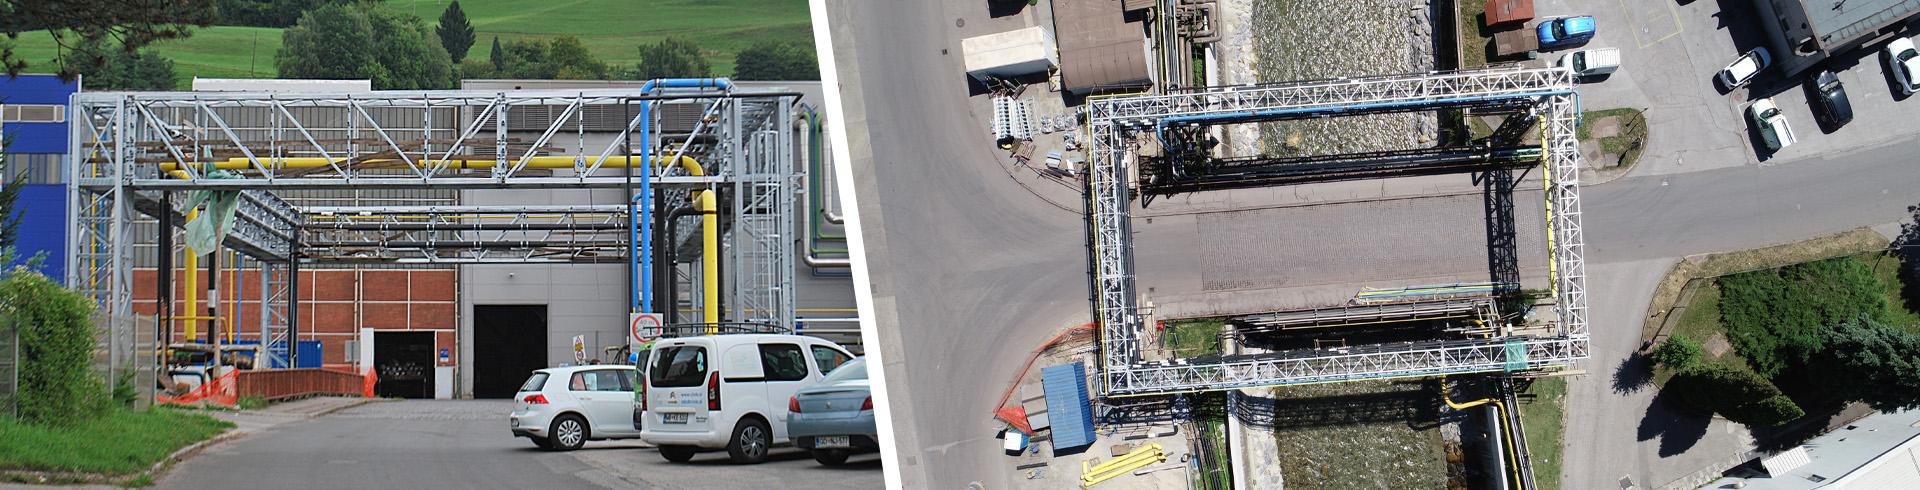 Pogled na nov energetski most za dvig instalacijskih vodov izven dosega visokih voda Meže, izgrajen na območju železarne Ravne